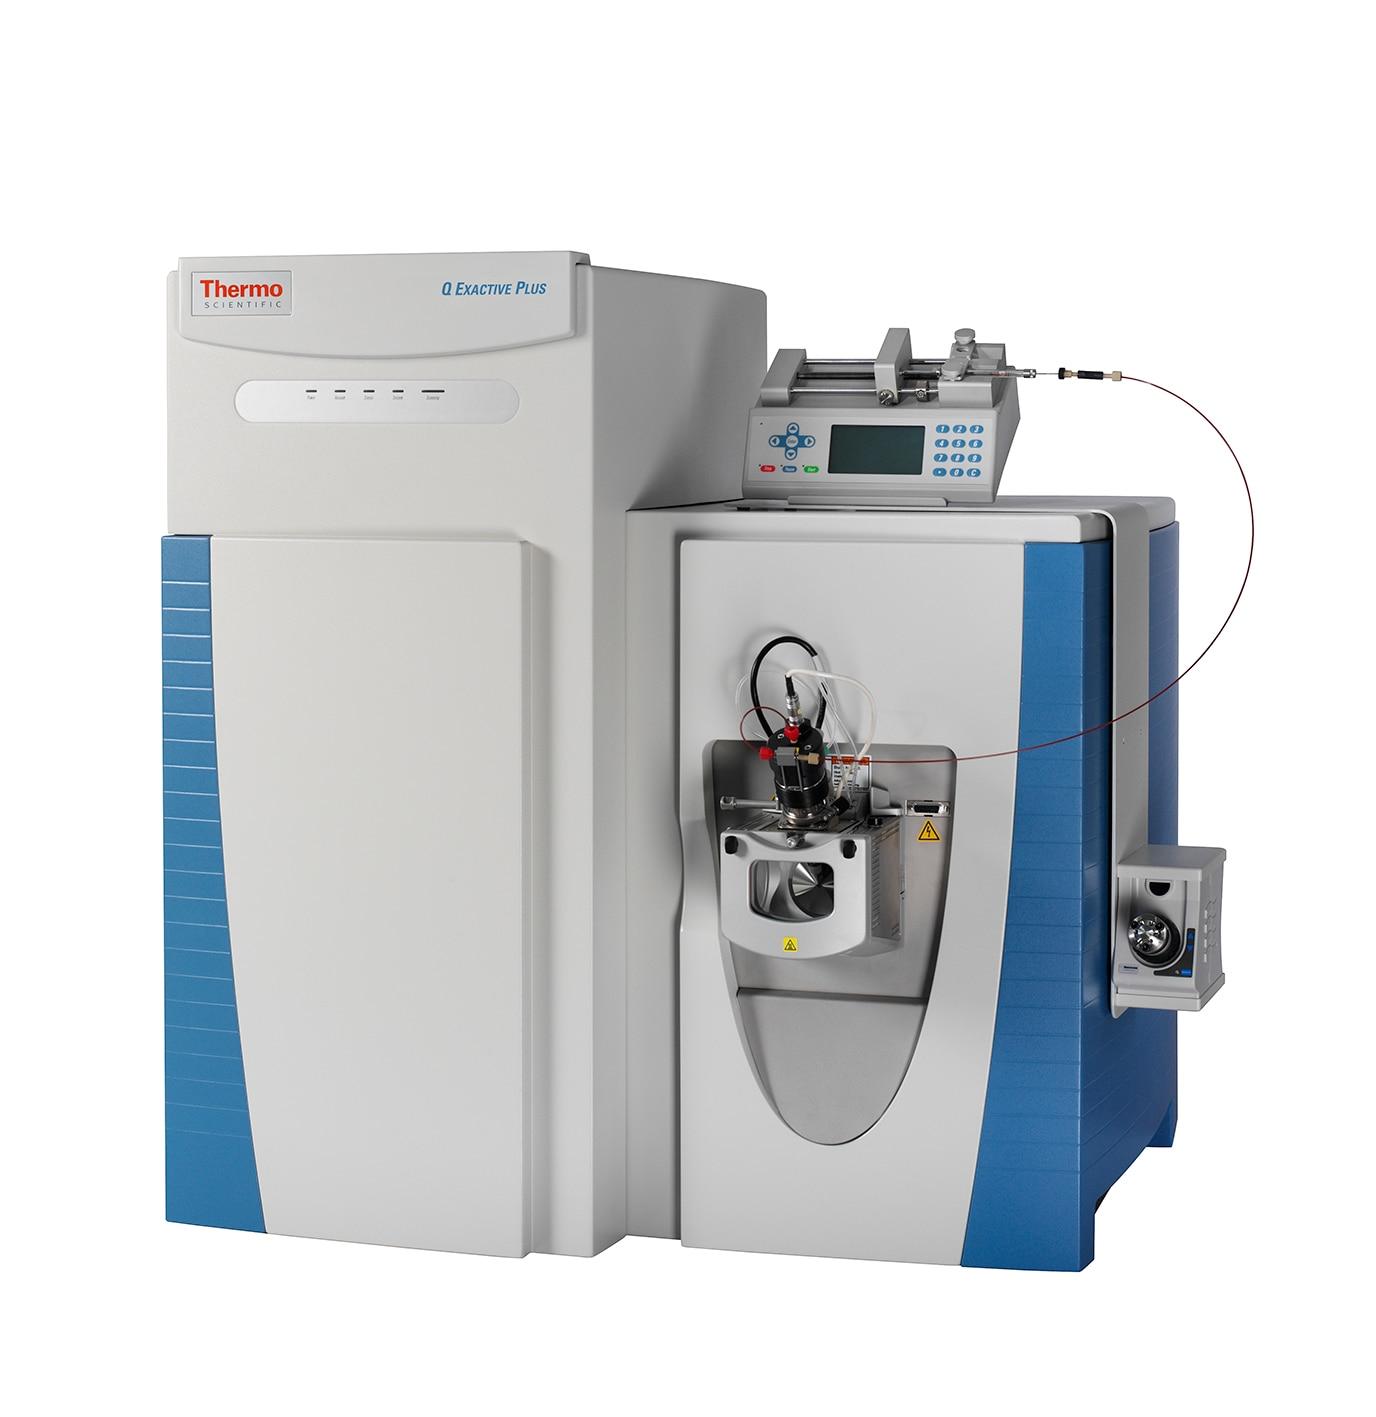 Q Exactive Plus mass spectrometer.